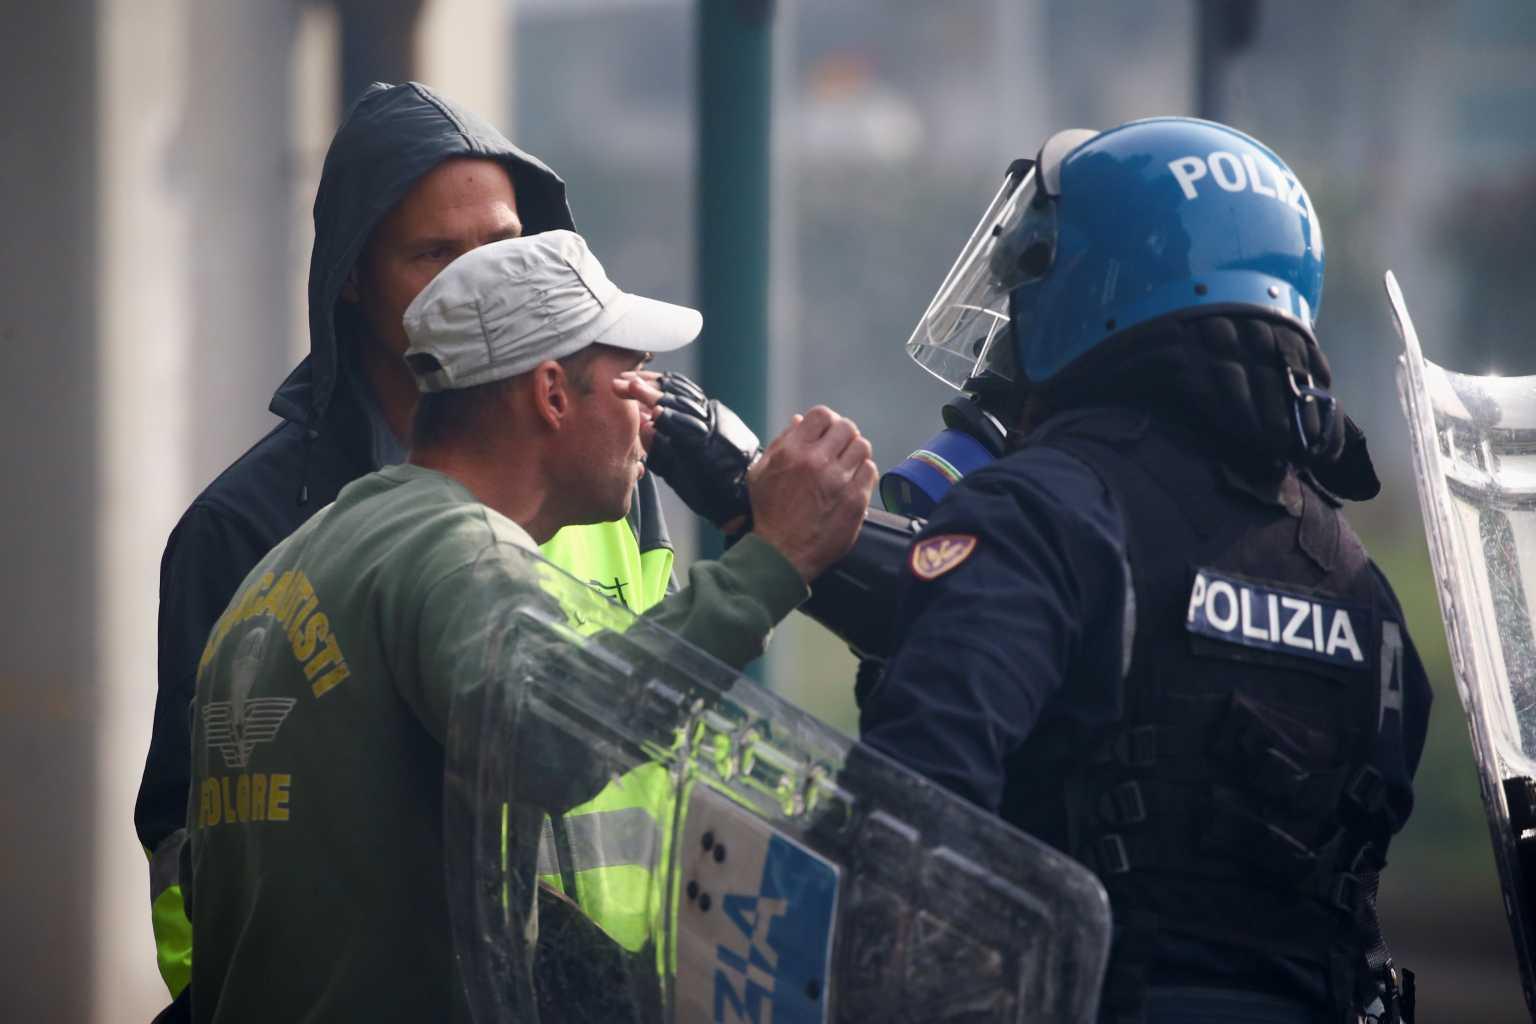 Ιταλία: Με αντλίες νερού η αστυνομία διέλυσε λιμενεργάτες που διαμαρτύρονταν για το πάσο εμβολιασμένου